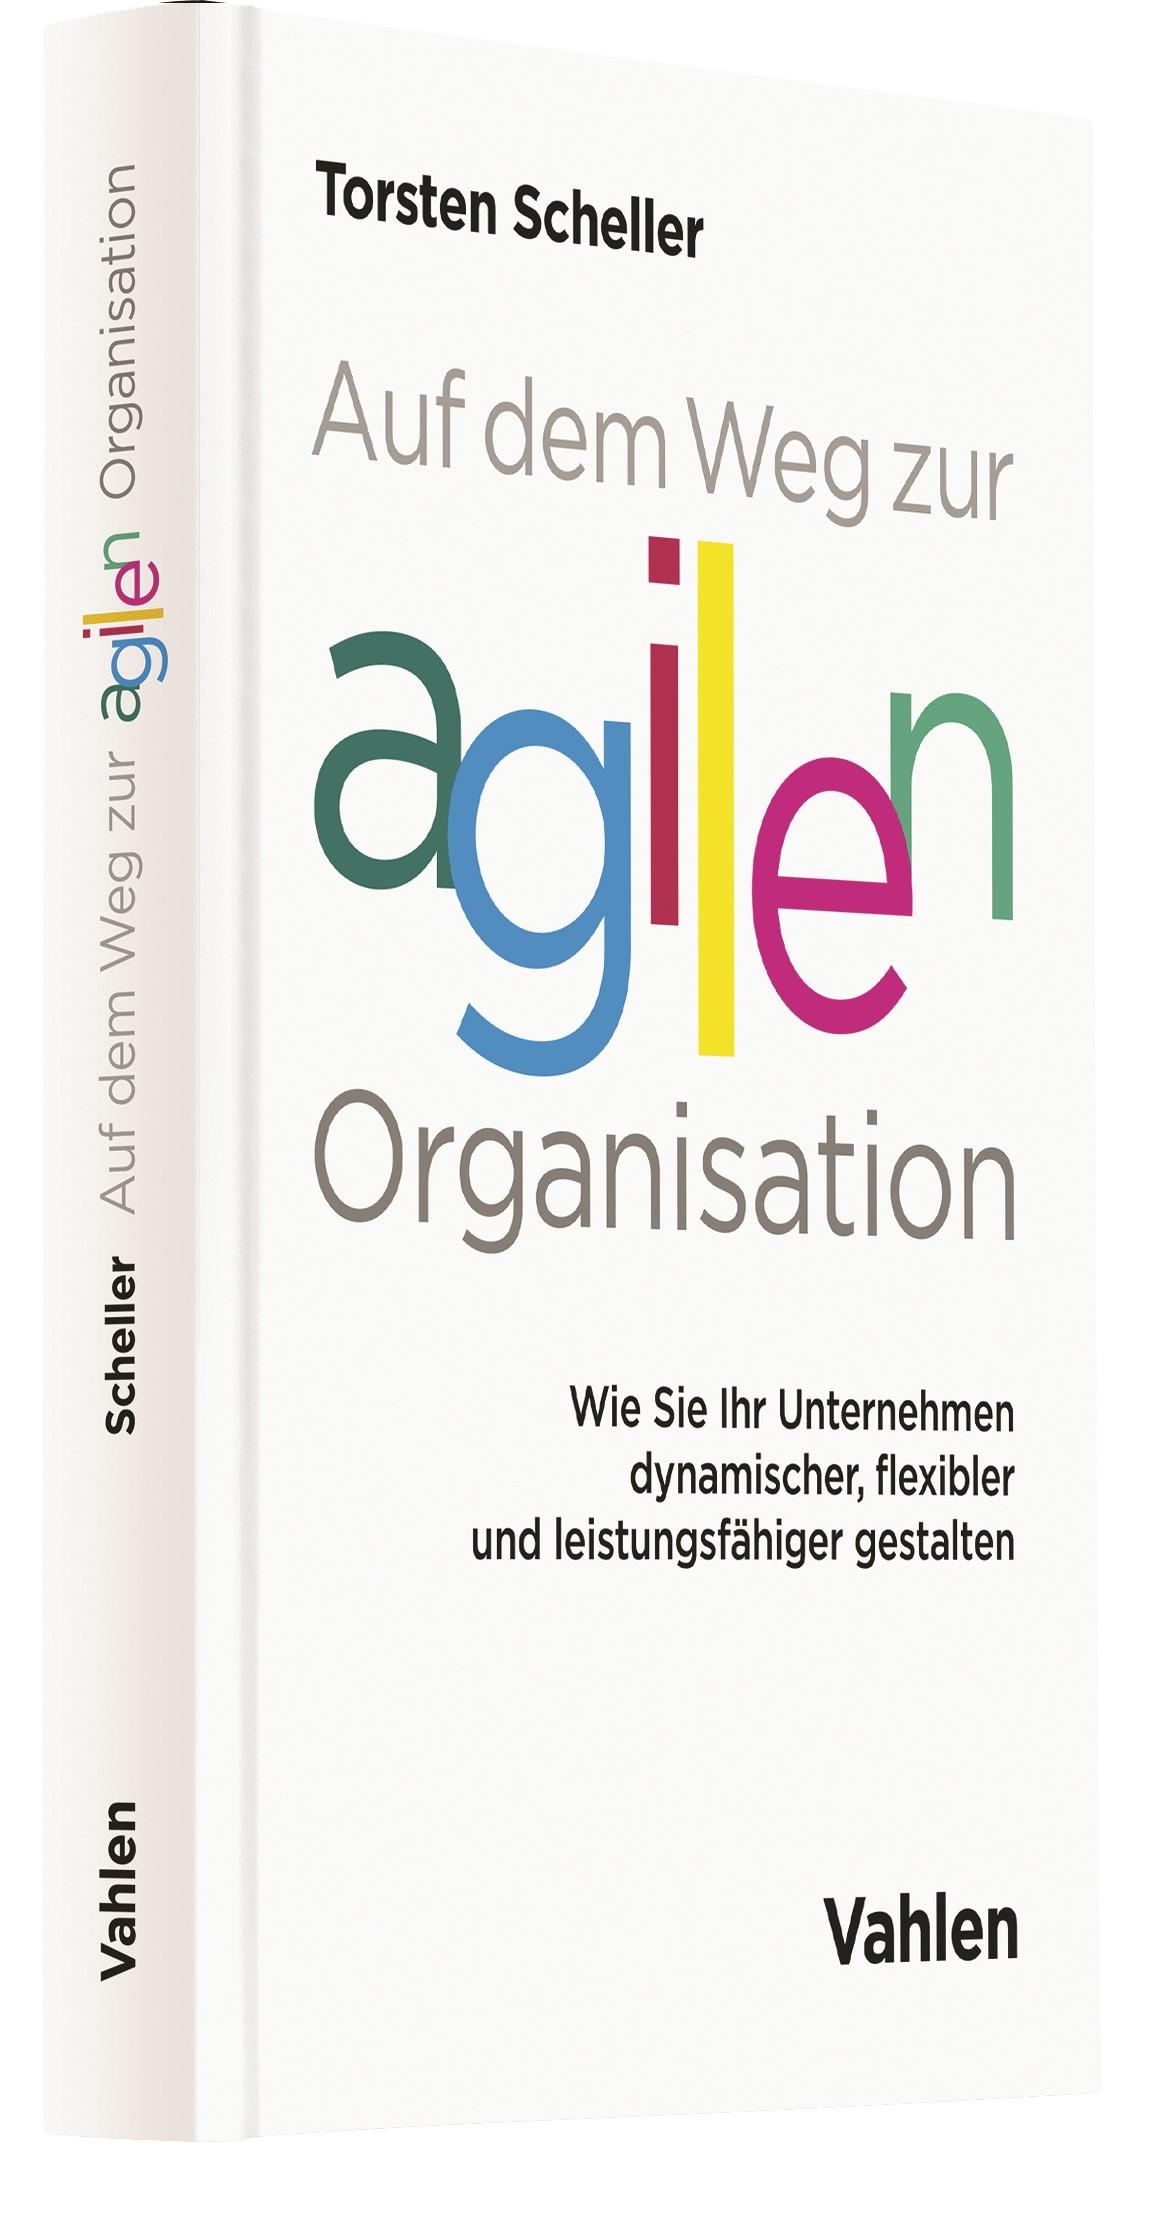 Abbildung von Scheller   Auf dem Weg zur agilen Organisation   2017